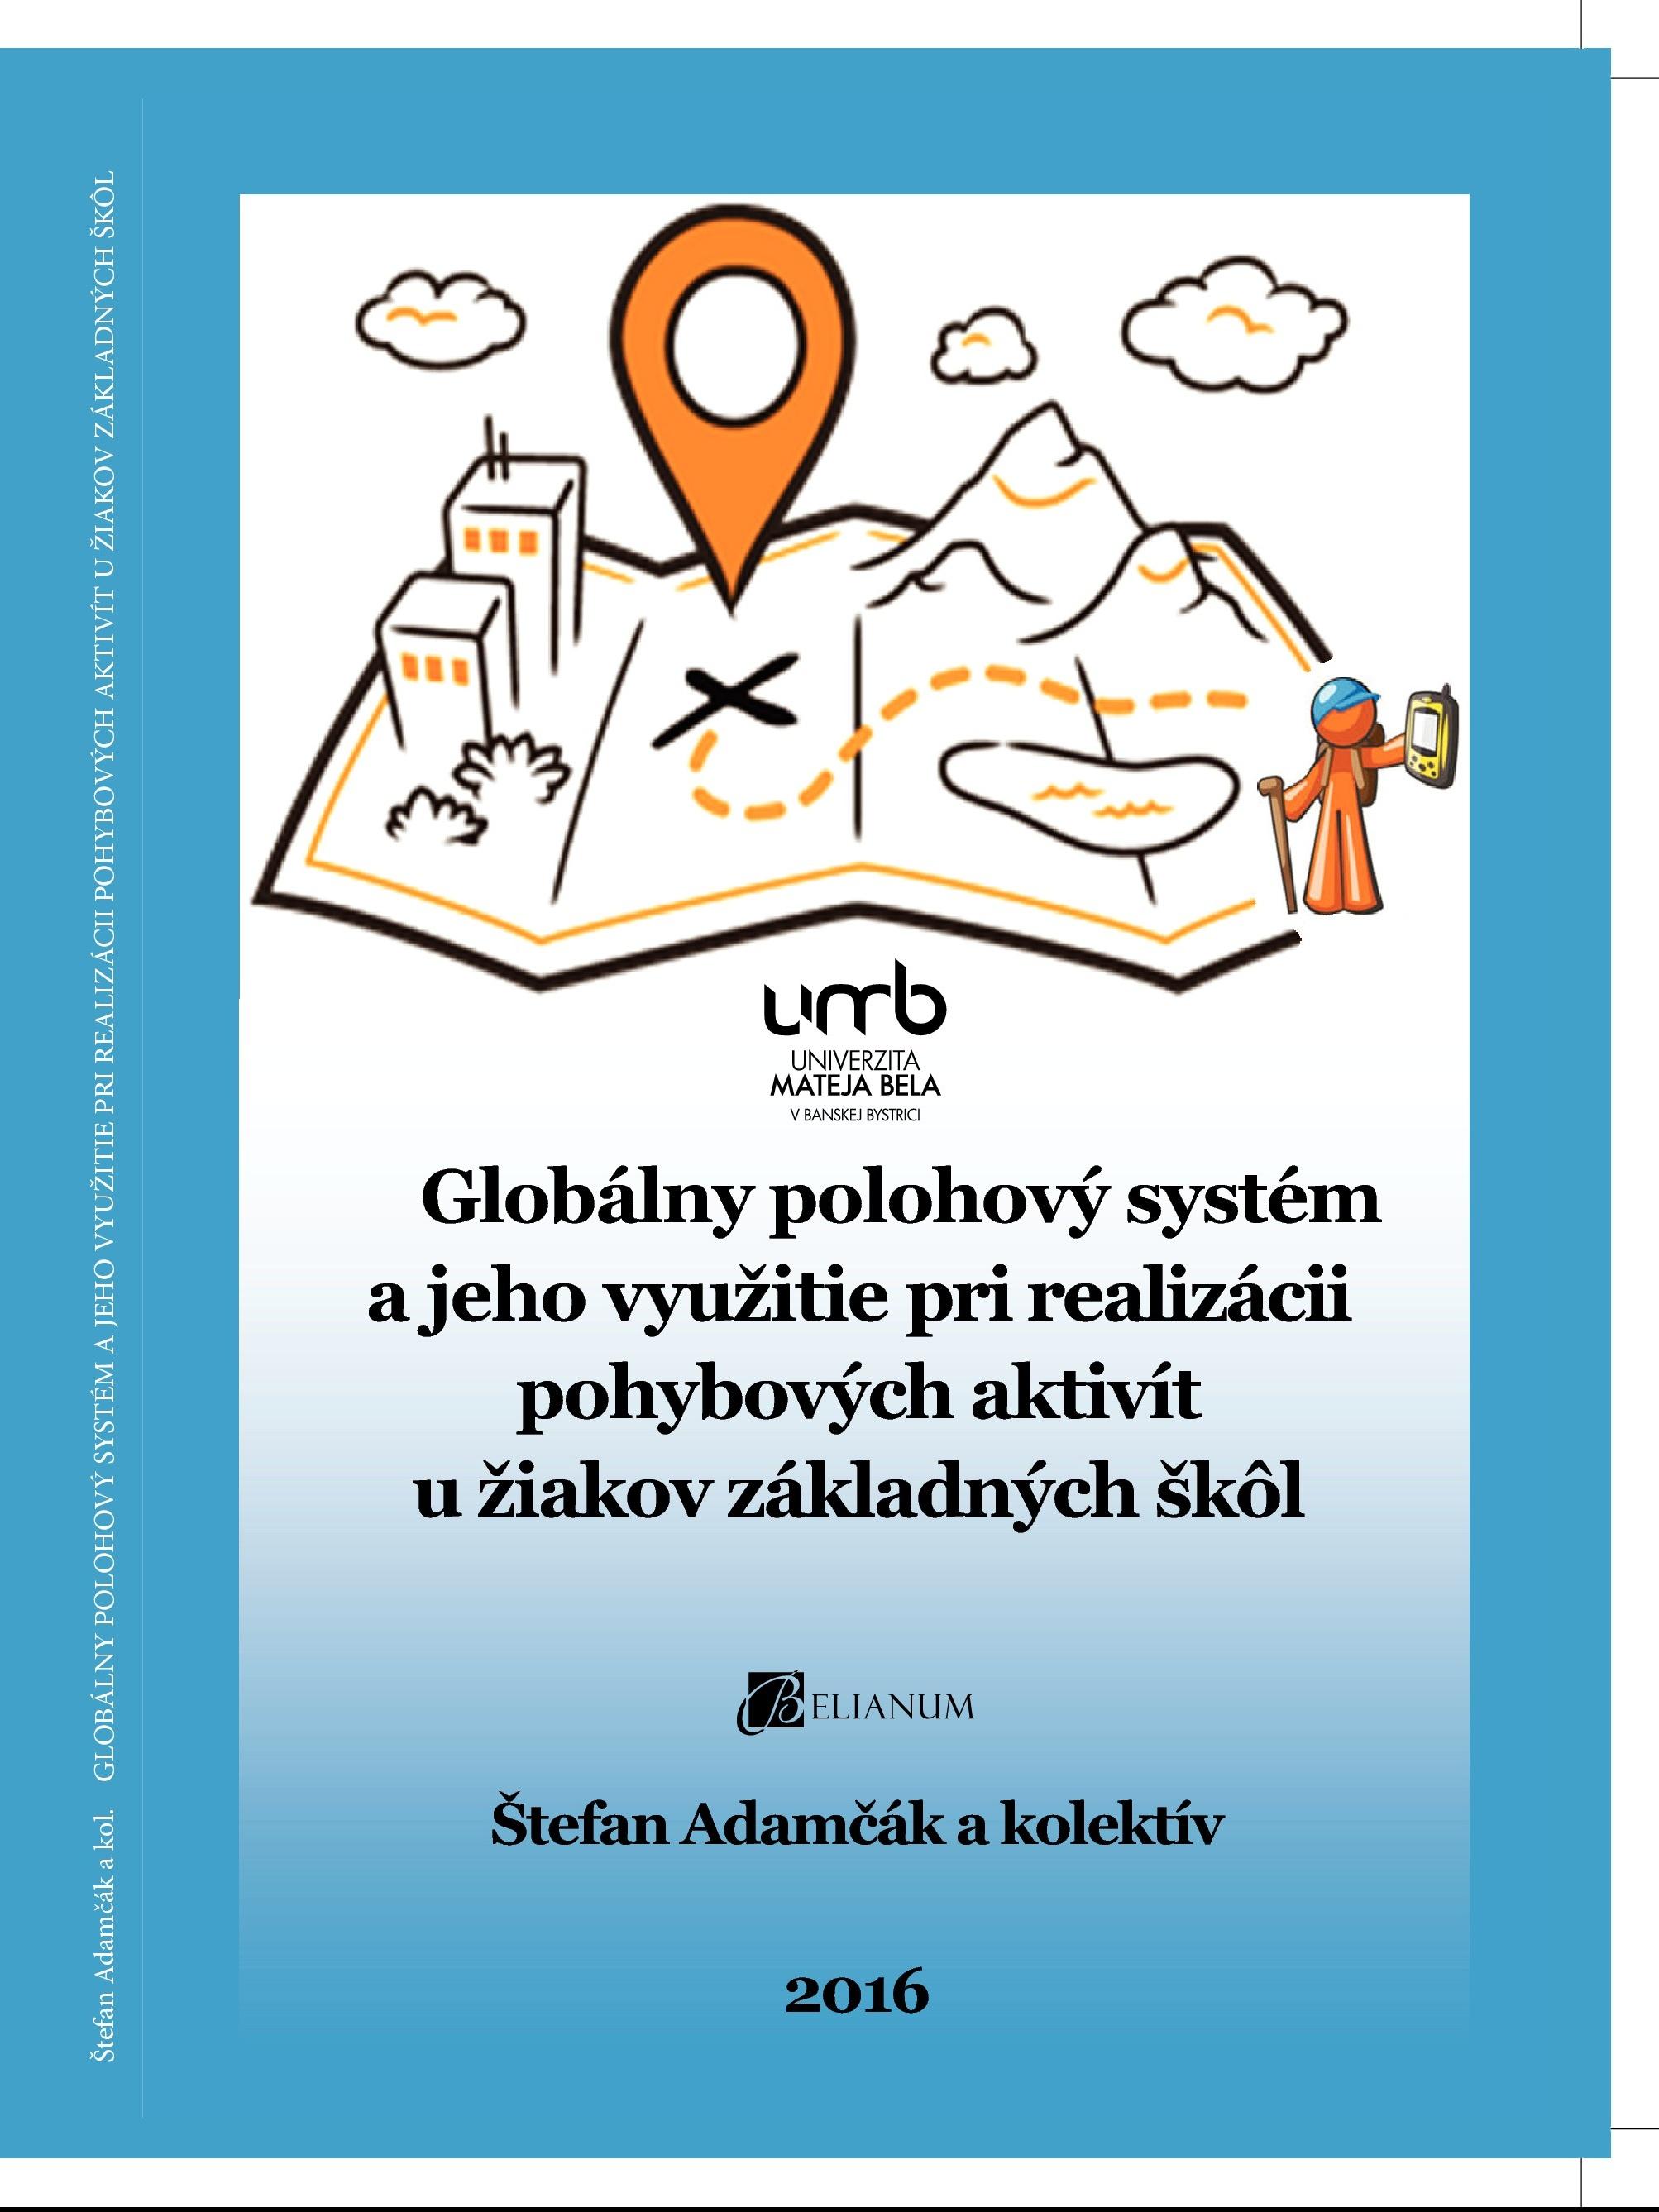 Globálny polohový systém a jeho využitie pri realizácii pohybových aktivít u žiakov základných škôl